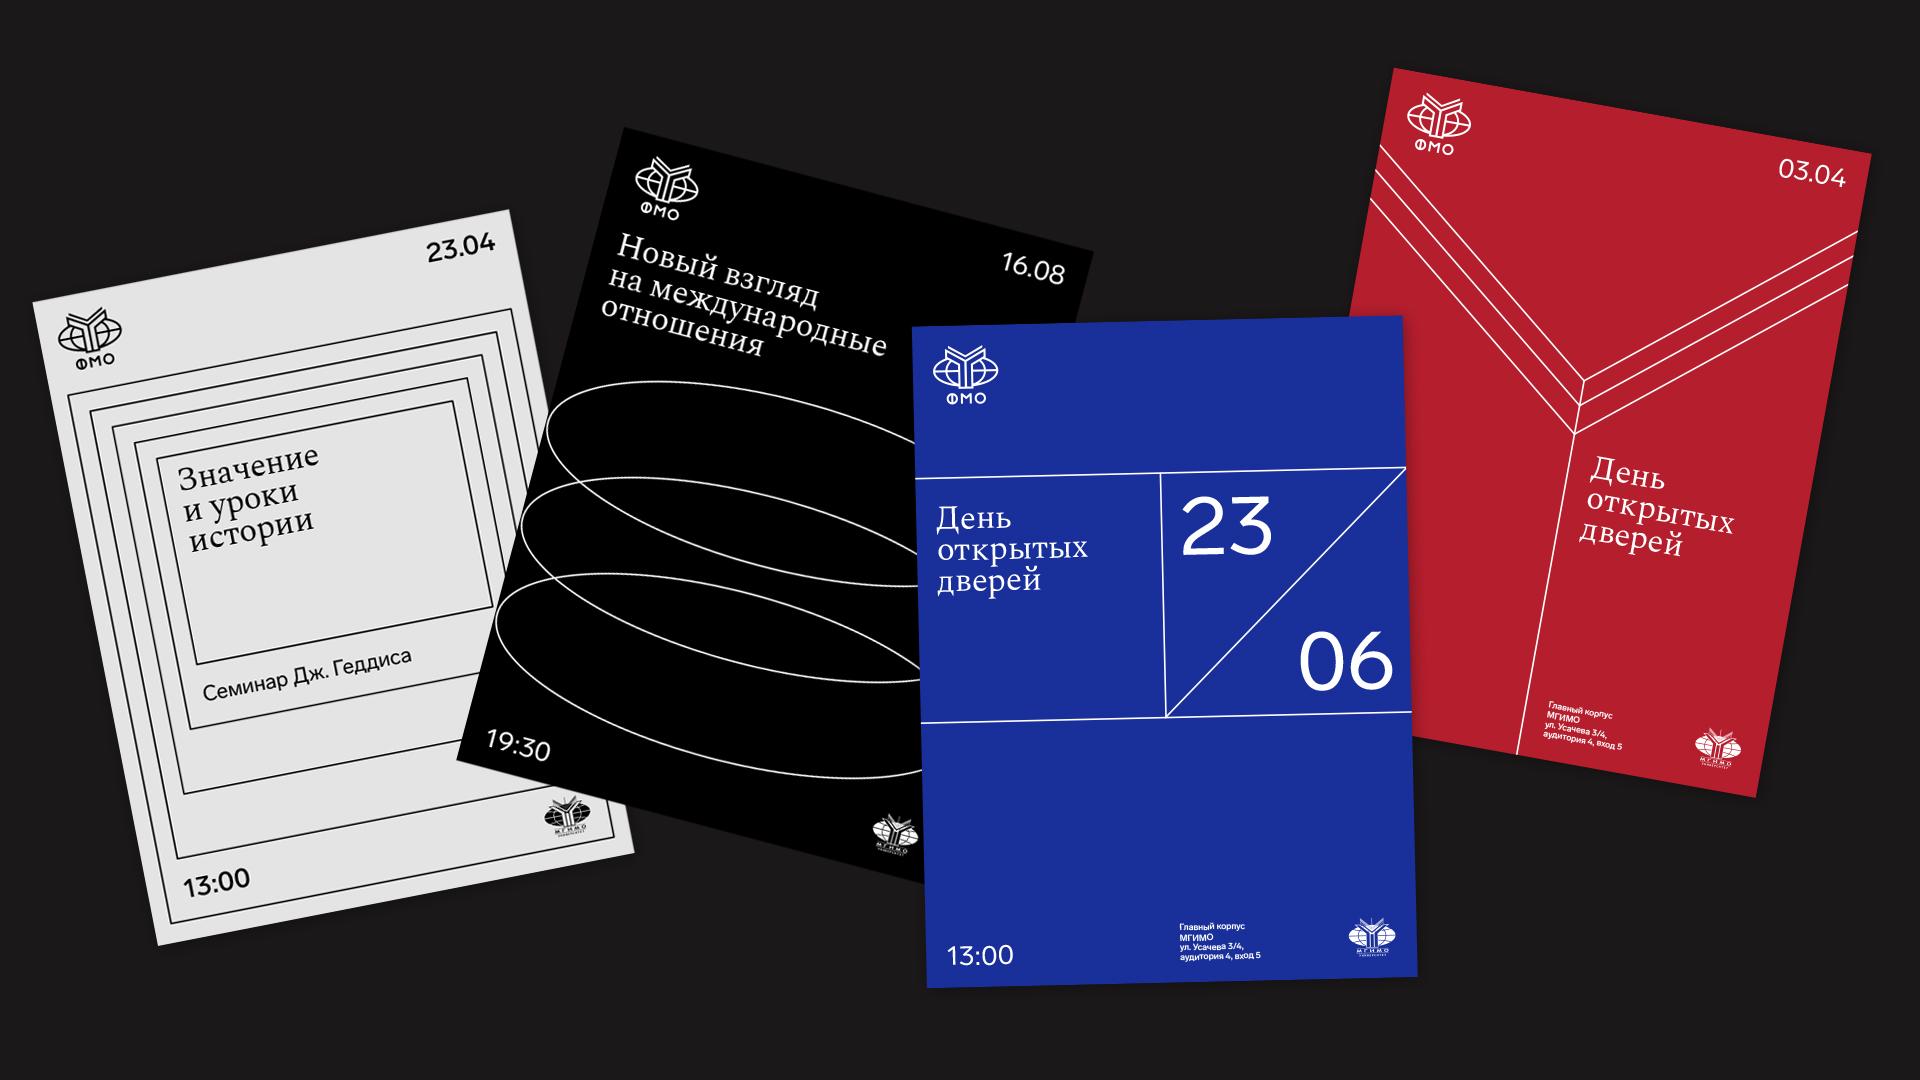 Identity for The School of International Relations Designed by Veronika Levitskaya